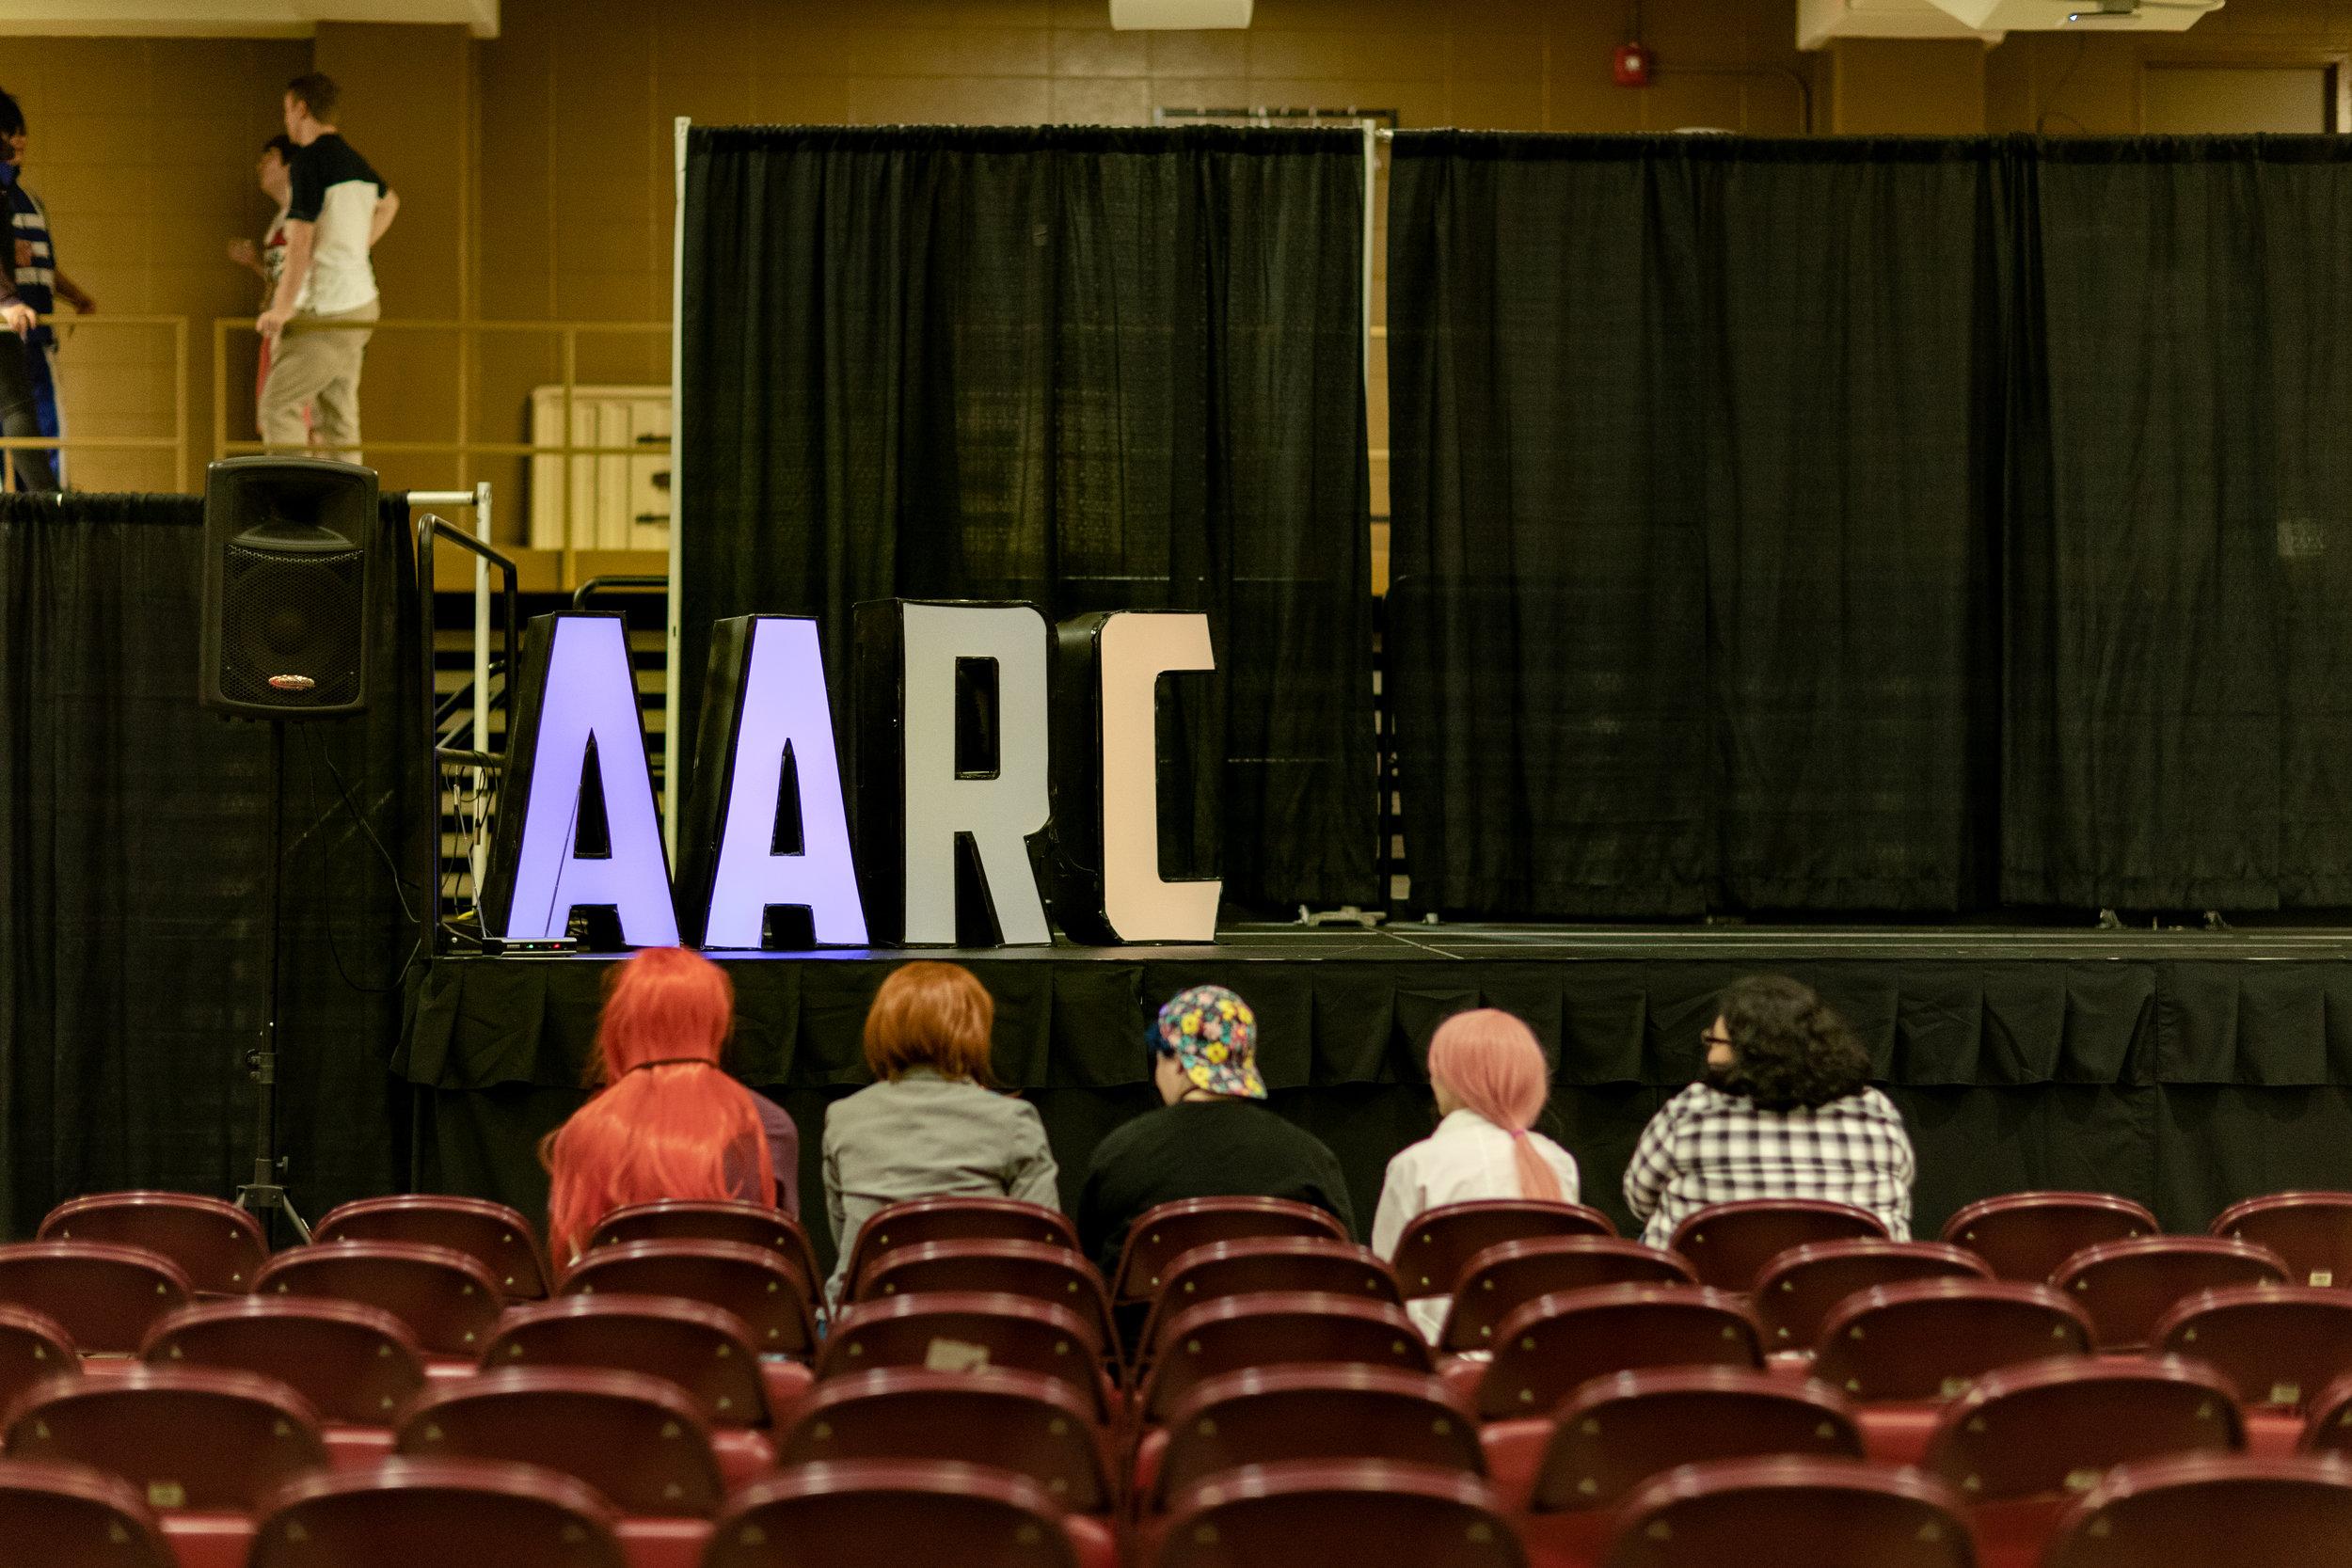 AARC_20180728_AMP_079.jpg